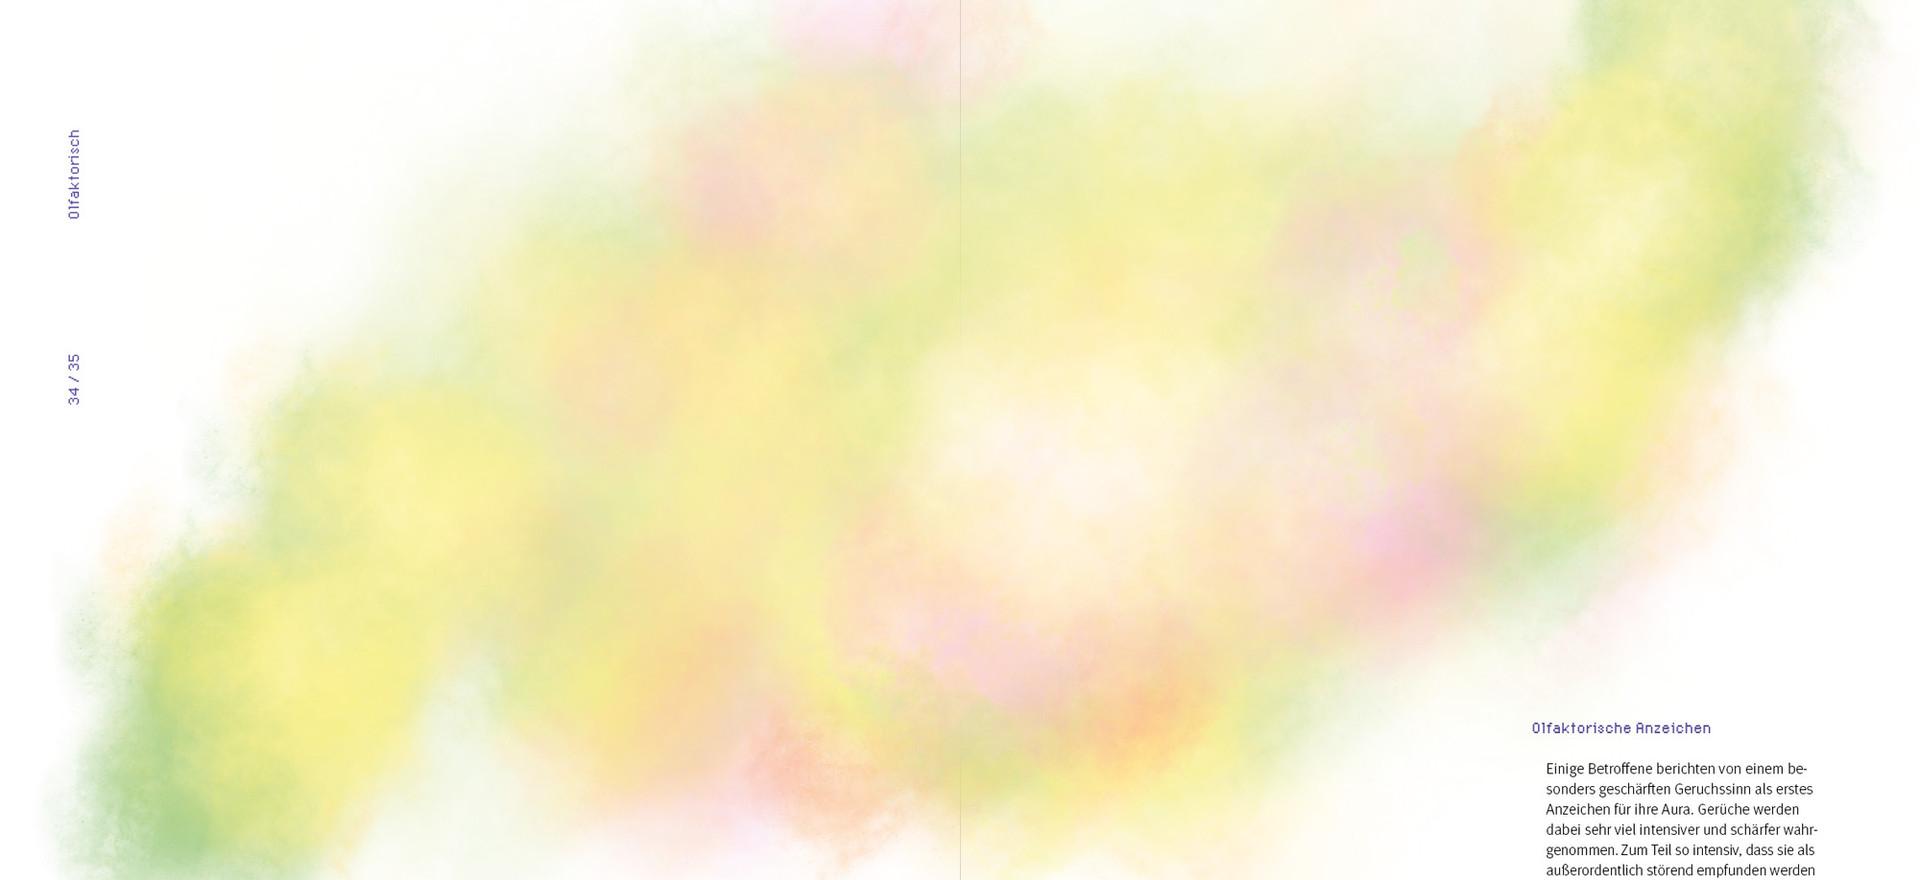 _18.jpg